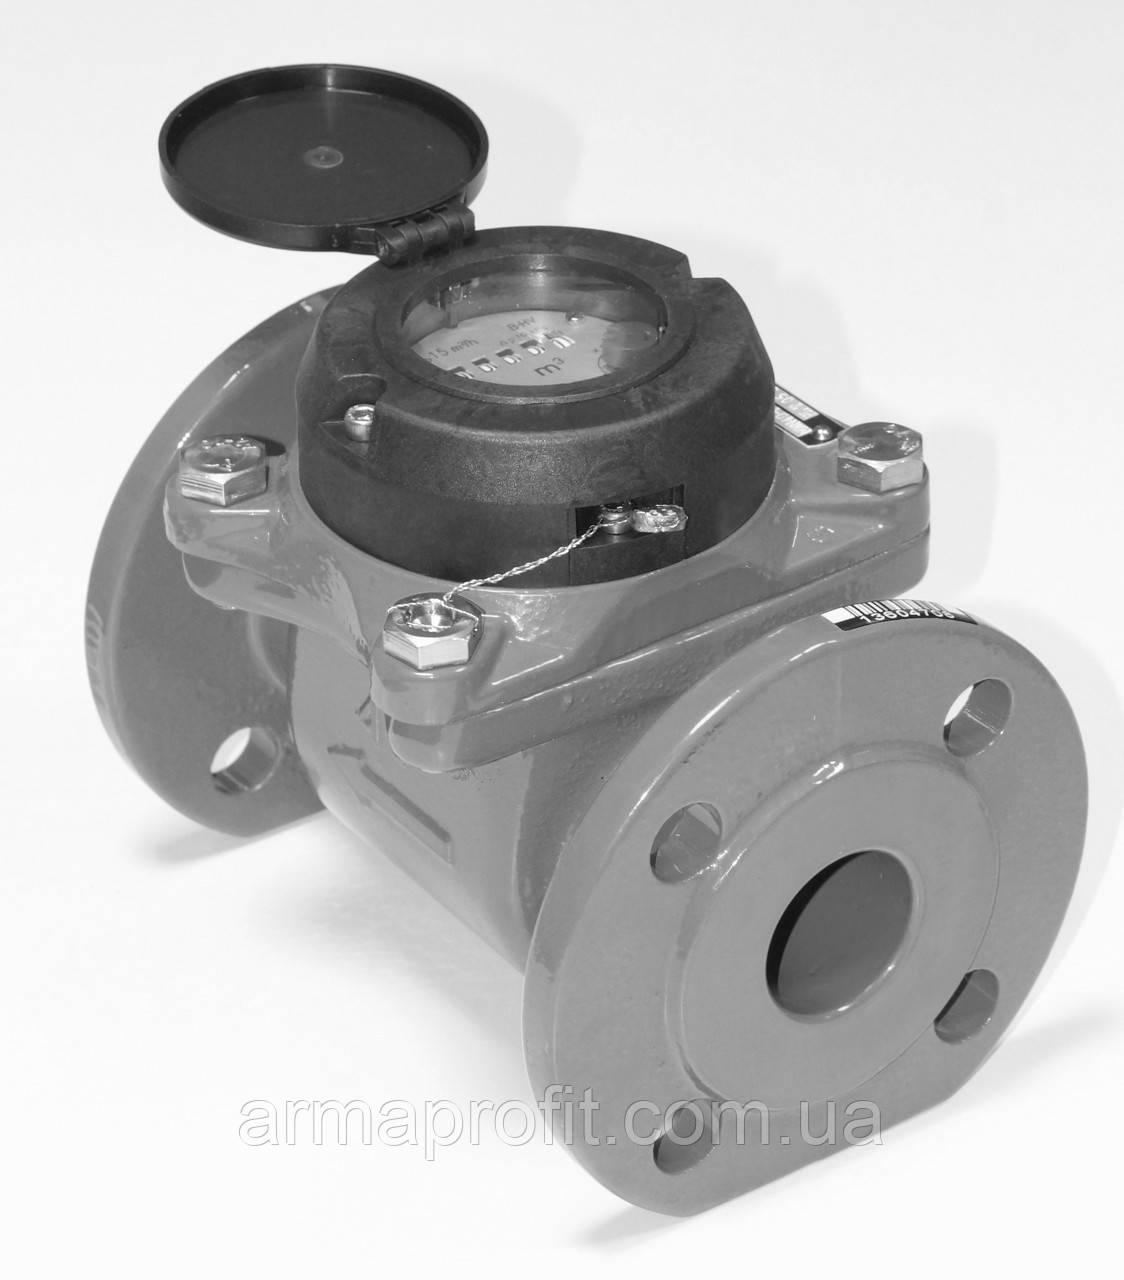 Счетчик горячей воды турбинный фланцевый Ду150 Powogaz MWN-130-150